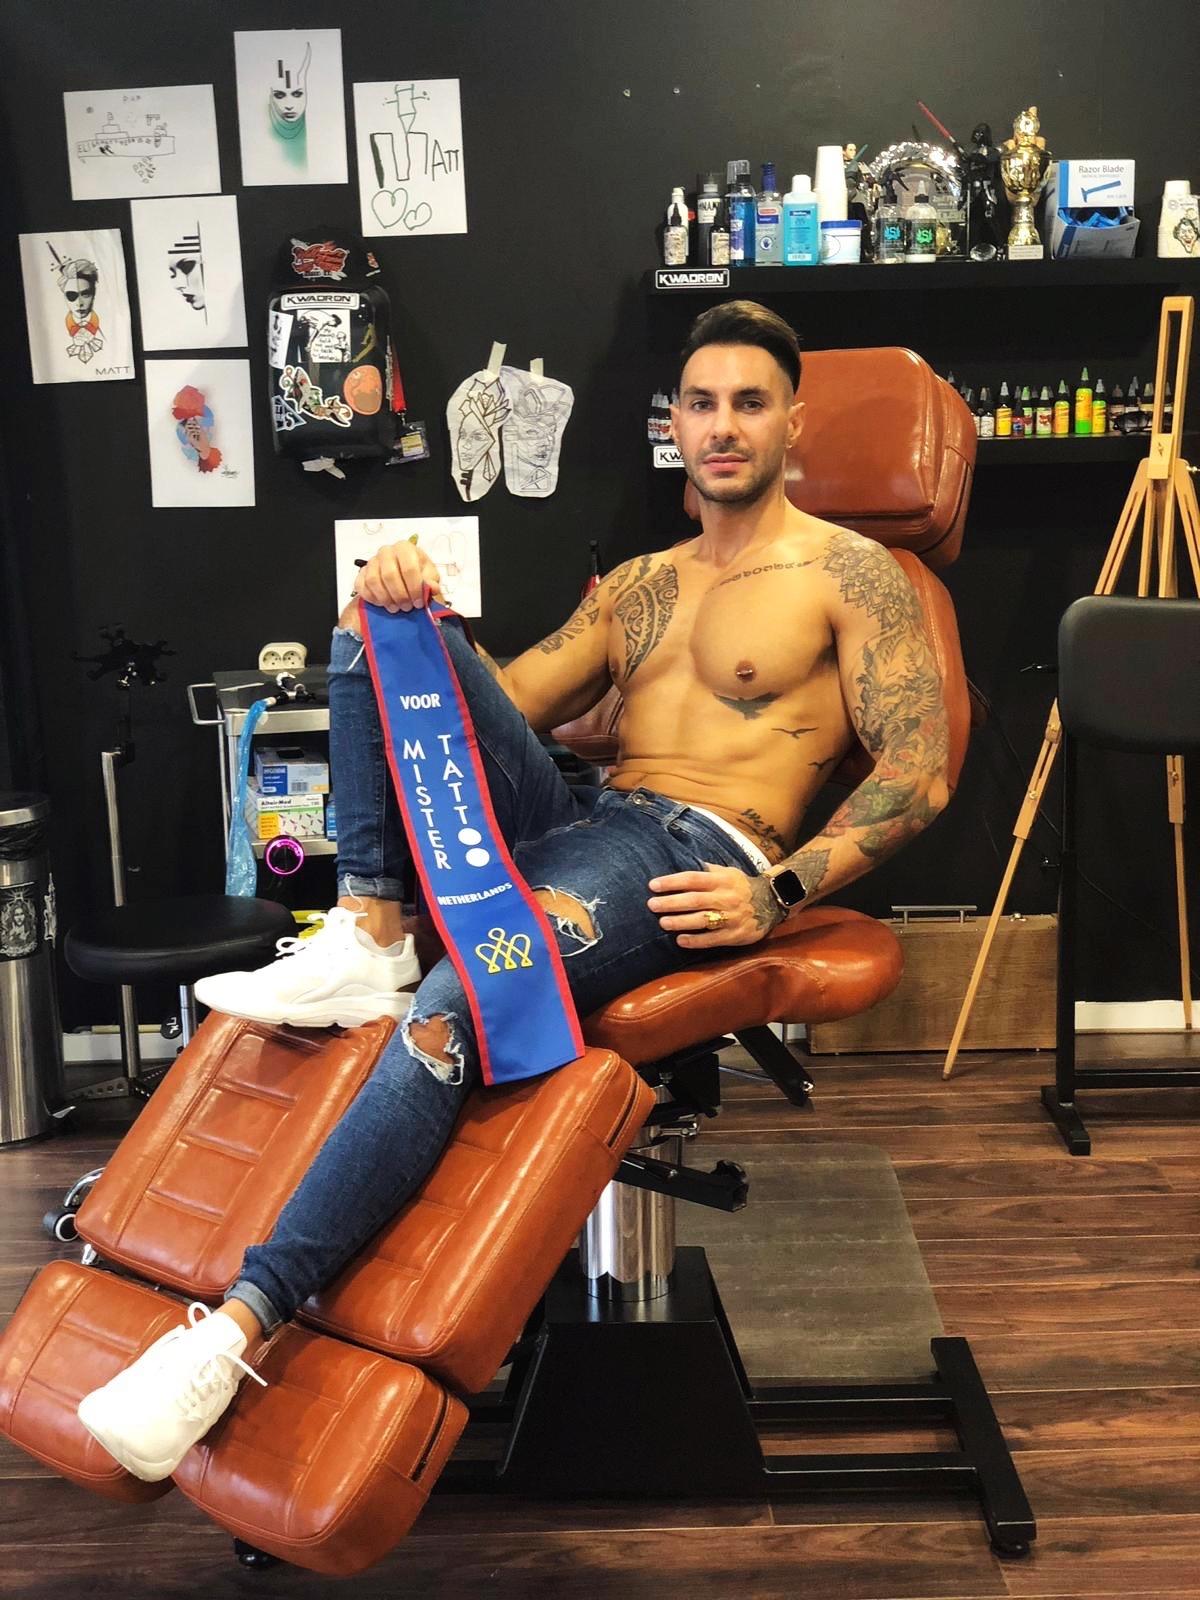 Persoonlijkheid en tatoeages geven de doorslag